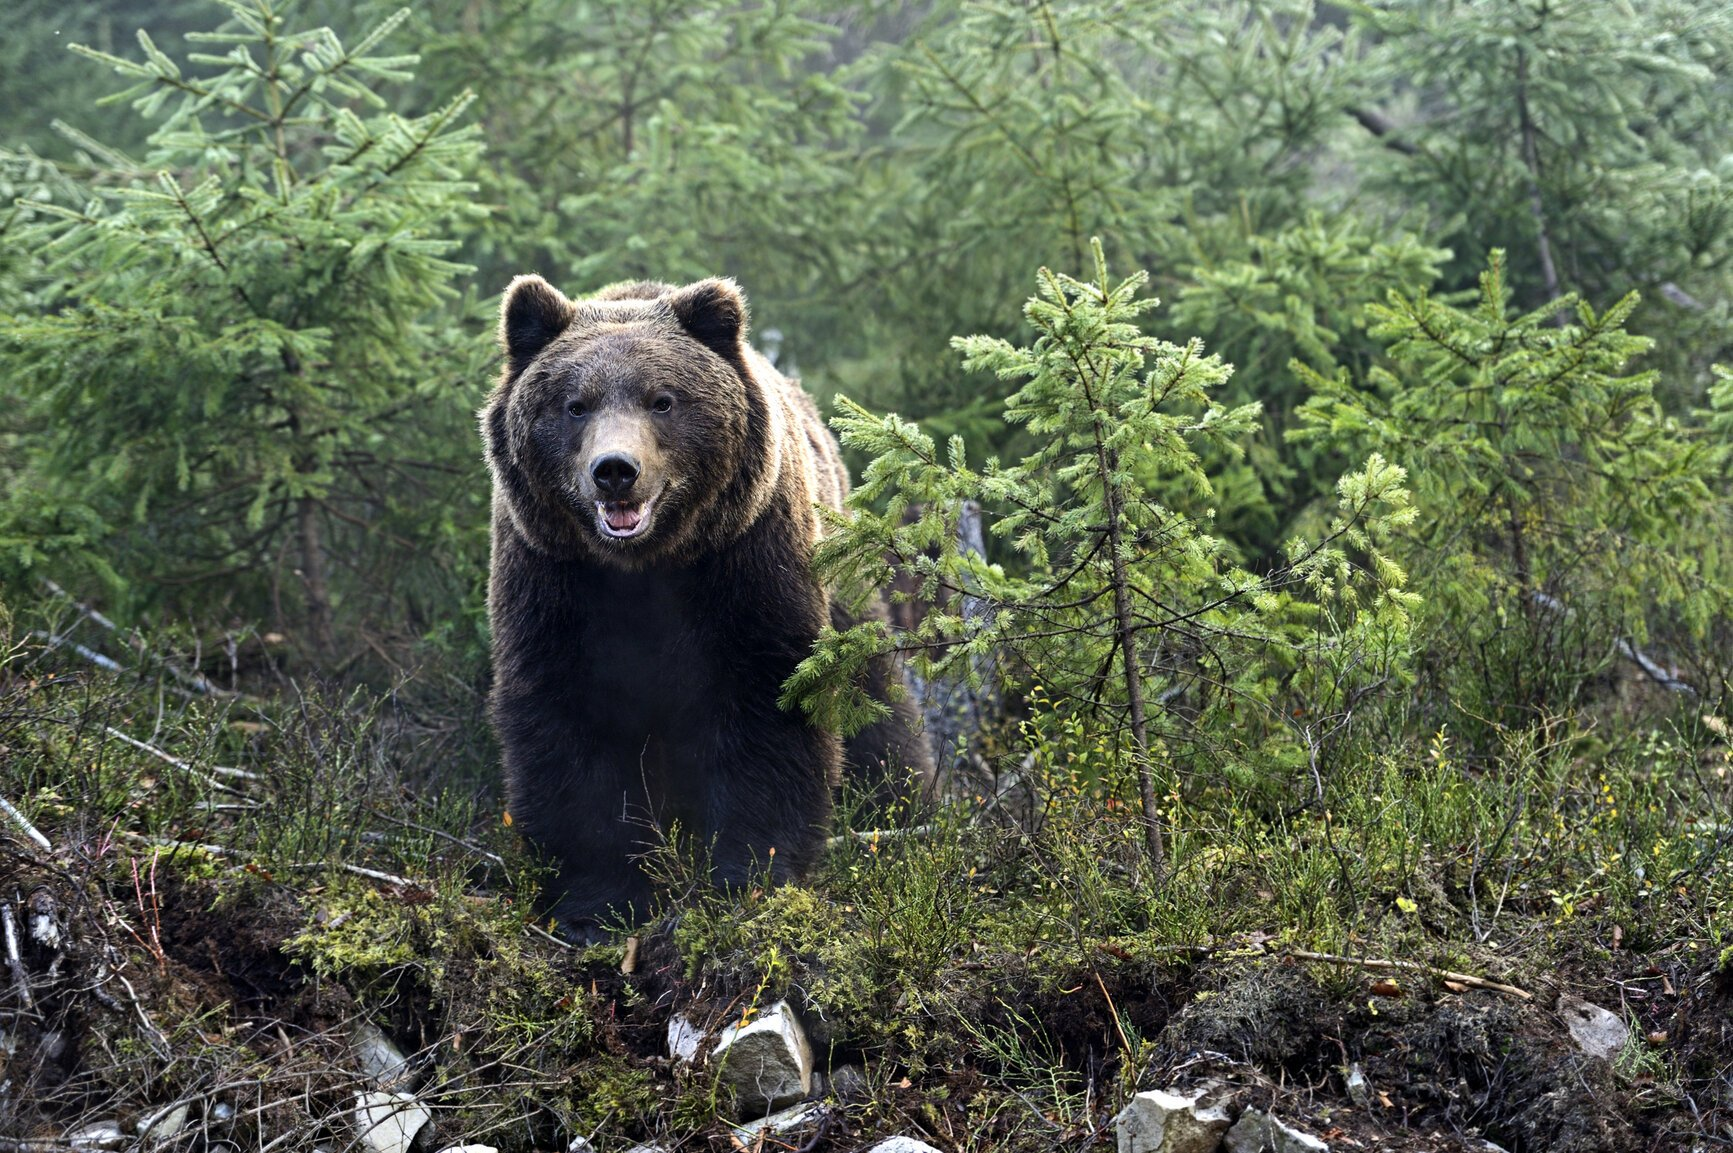 Выживший в Кемерово: охотник убит медведем, а его сын спасся на дереве